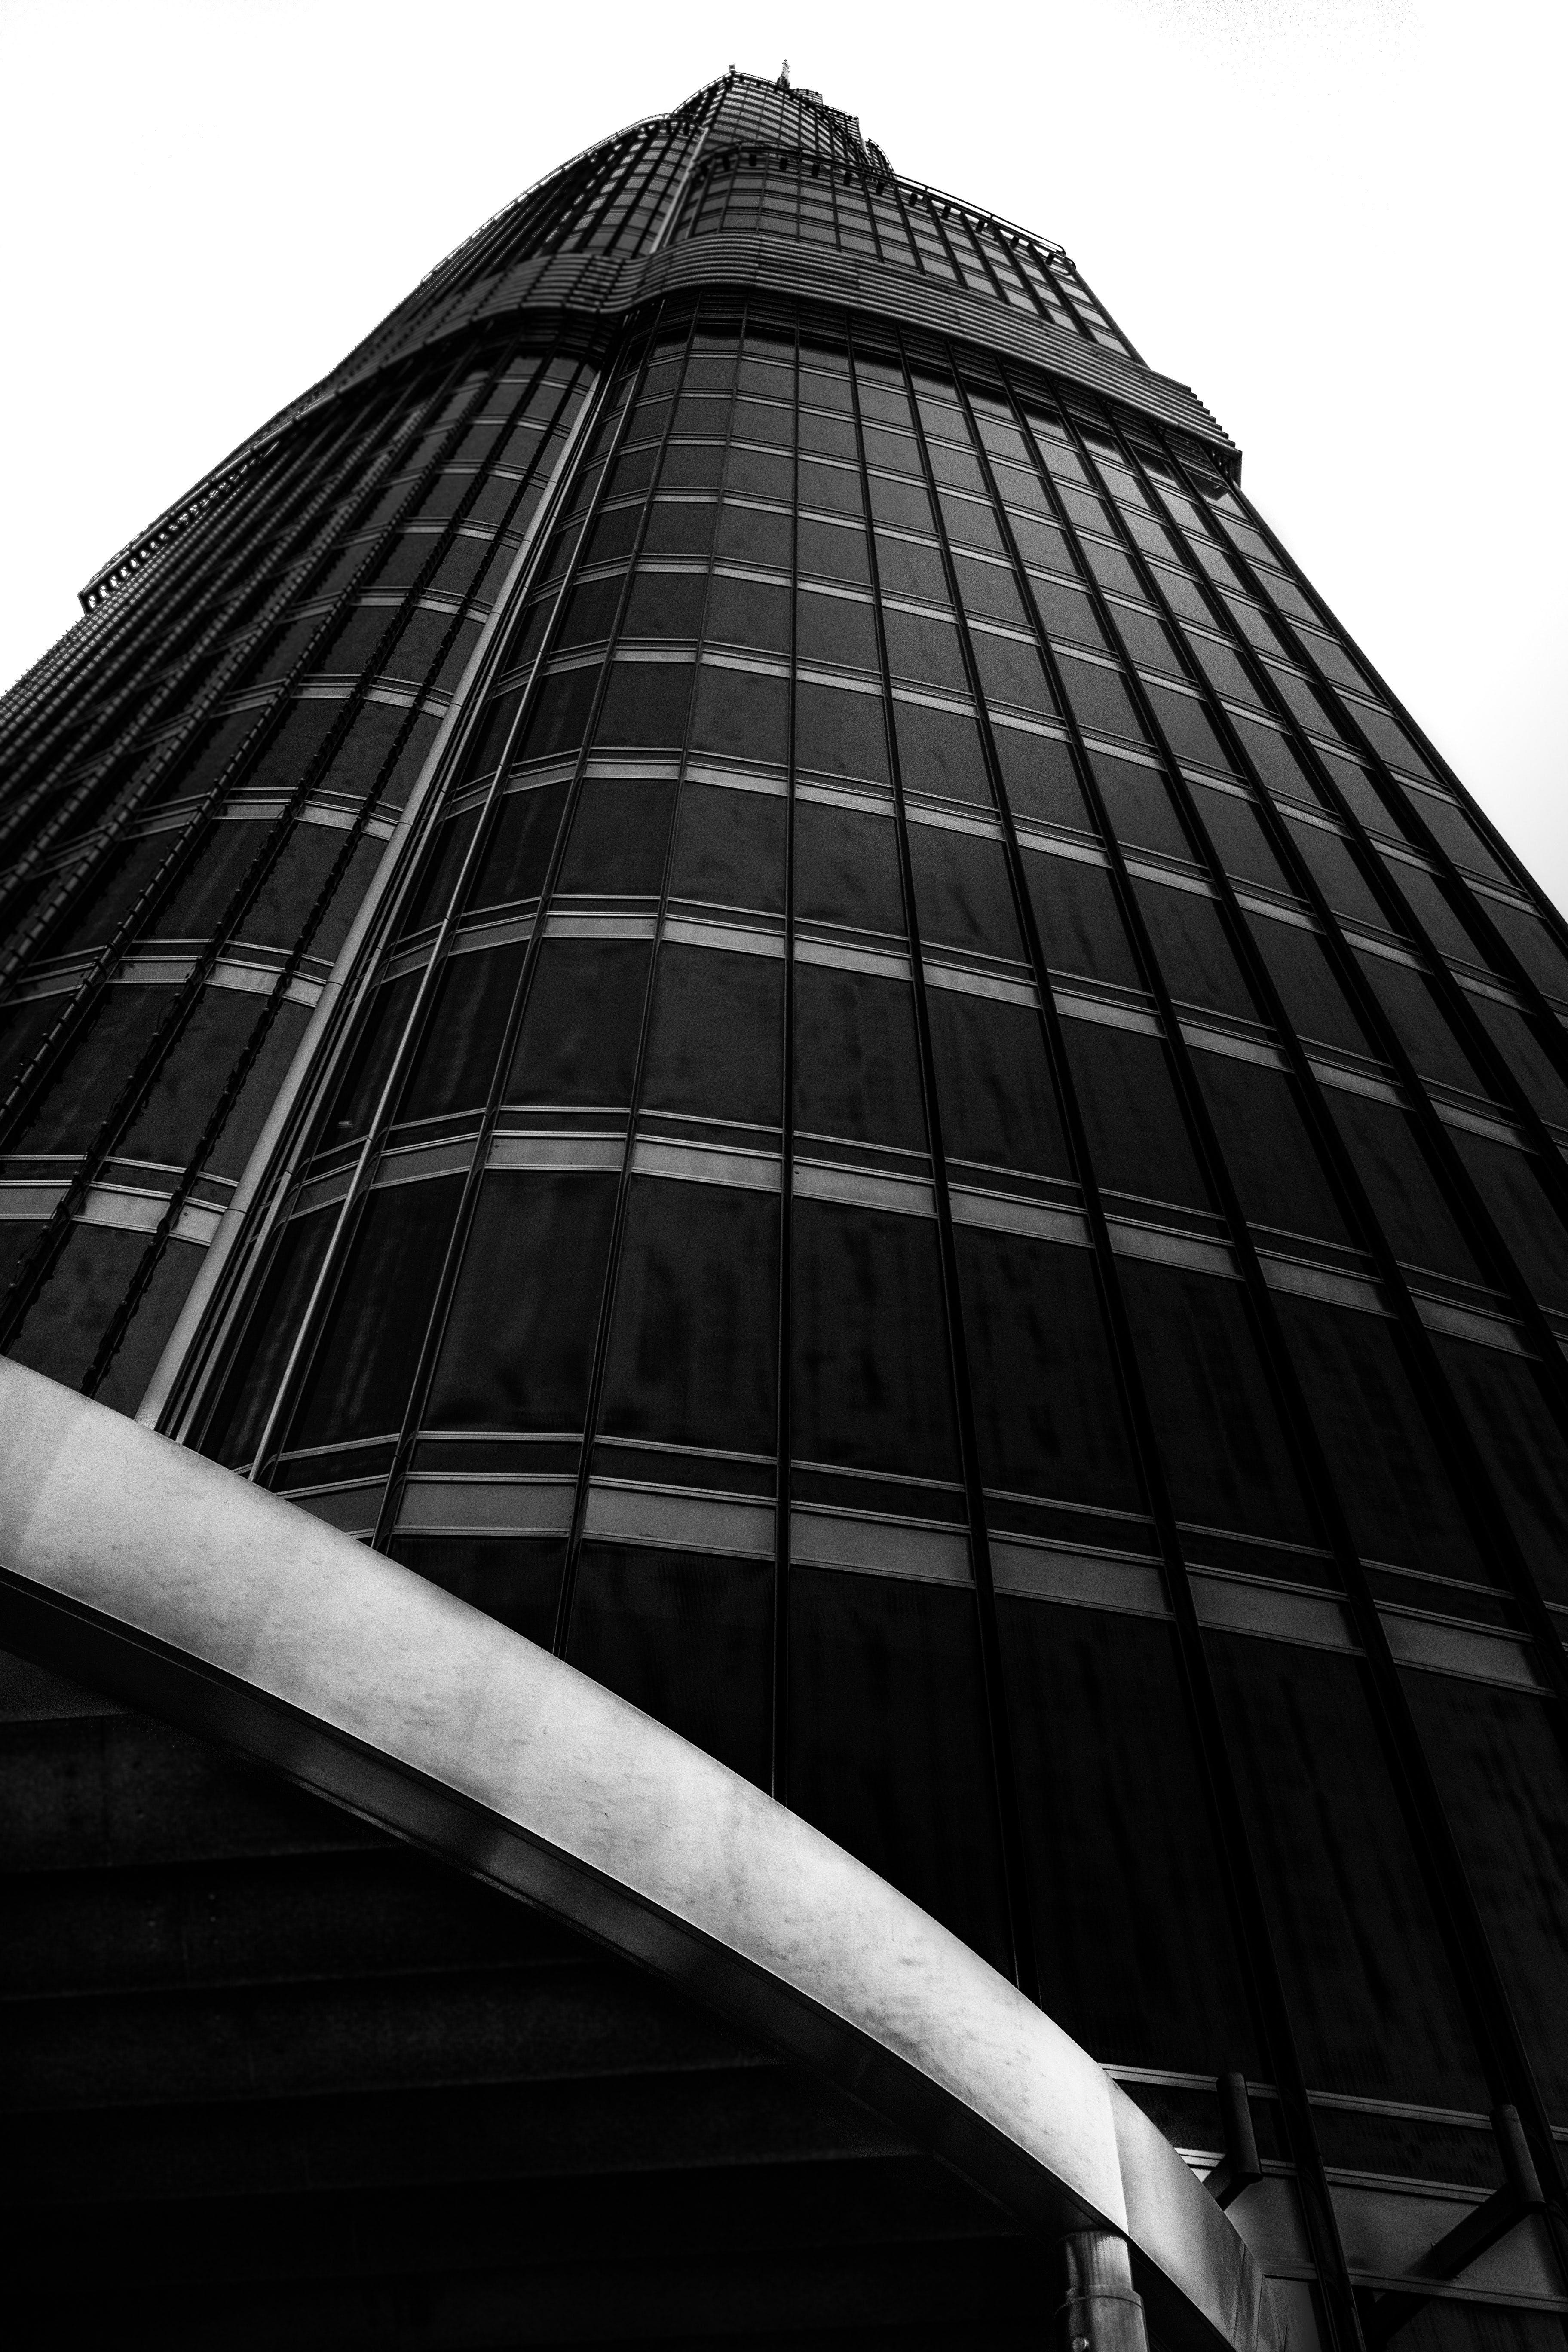 Foto stok gratis Arsitektur, bertingkat tinggi, bidikan sudut sempit, eksterior bangunan